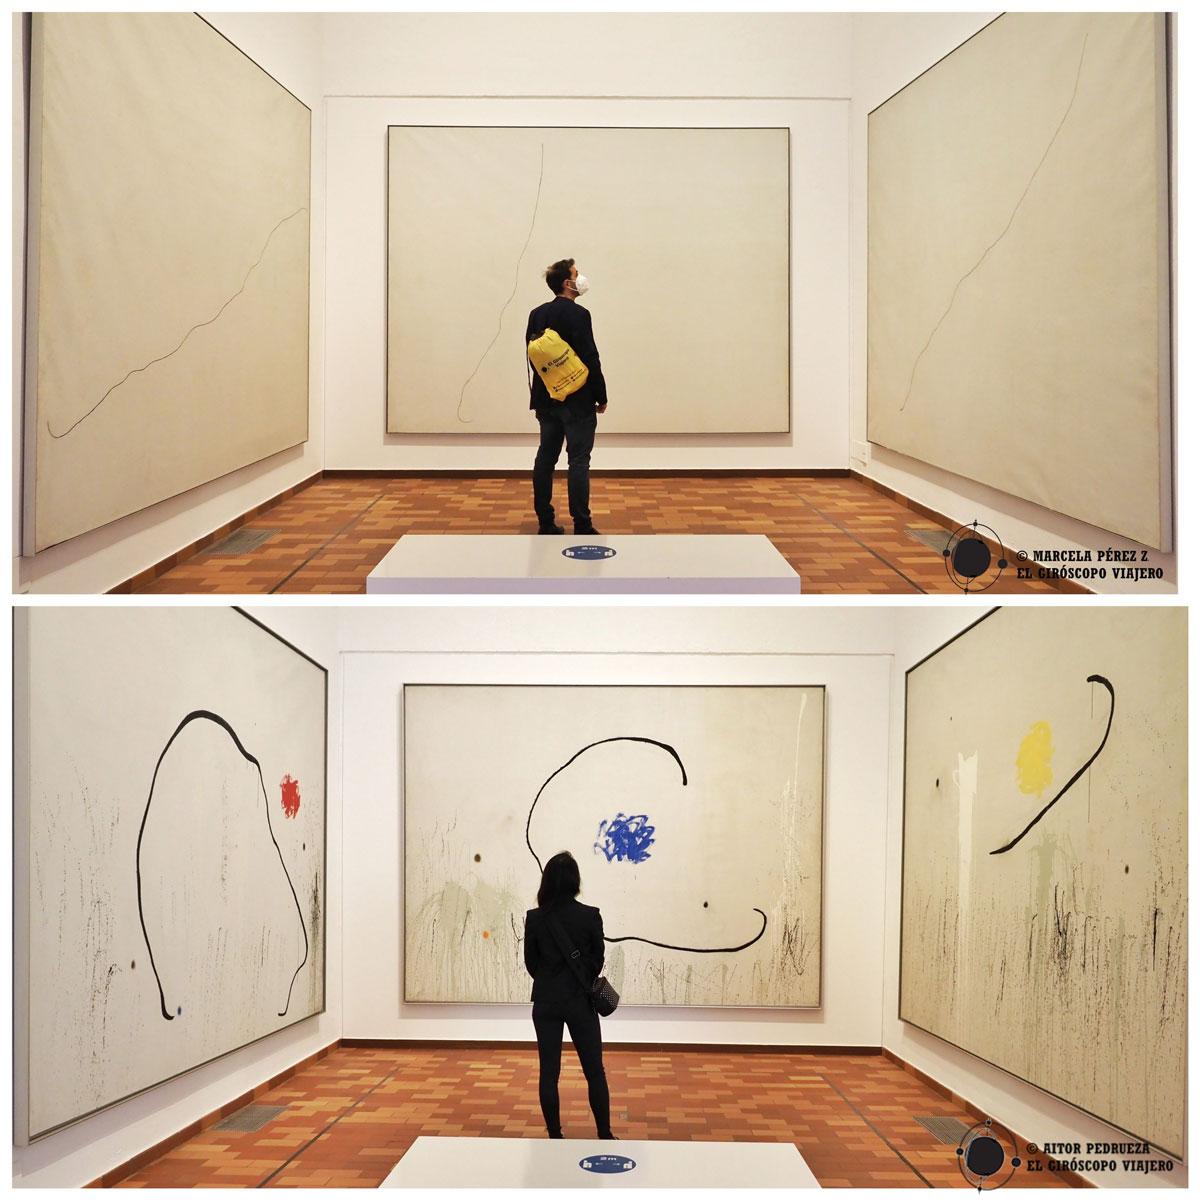 Recorriendo el interior de la Fundación Miró